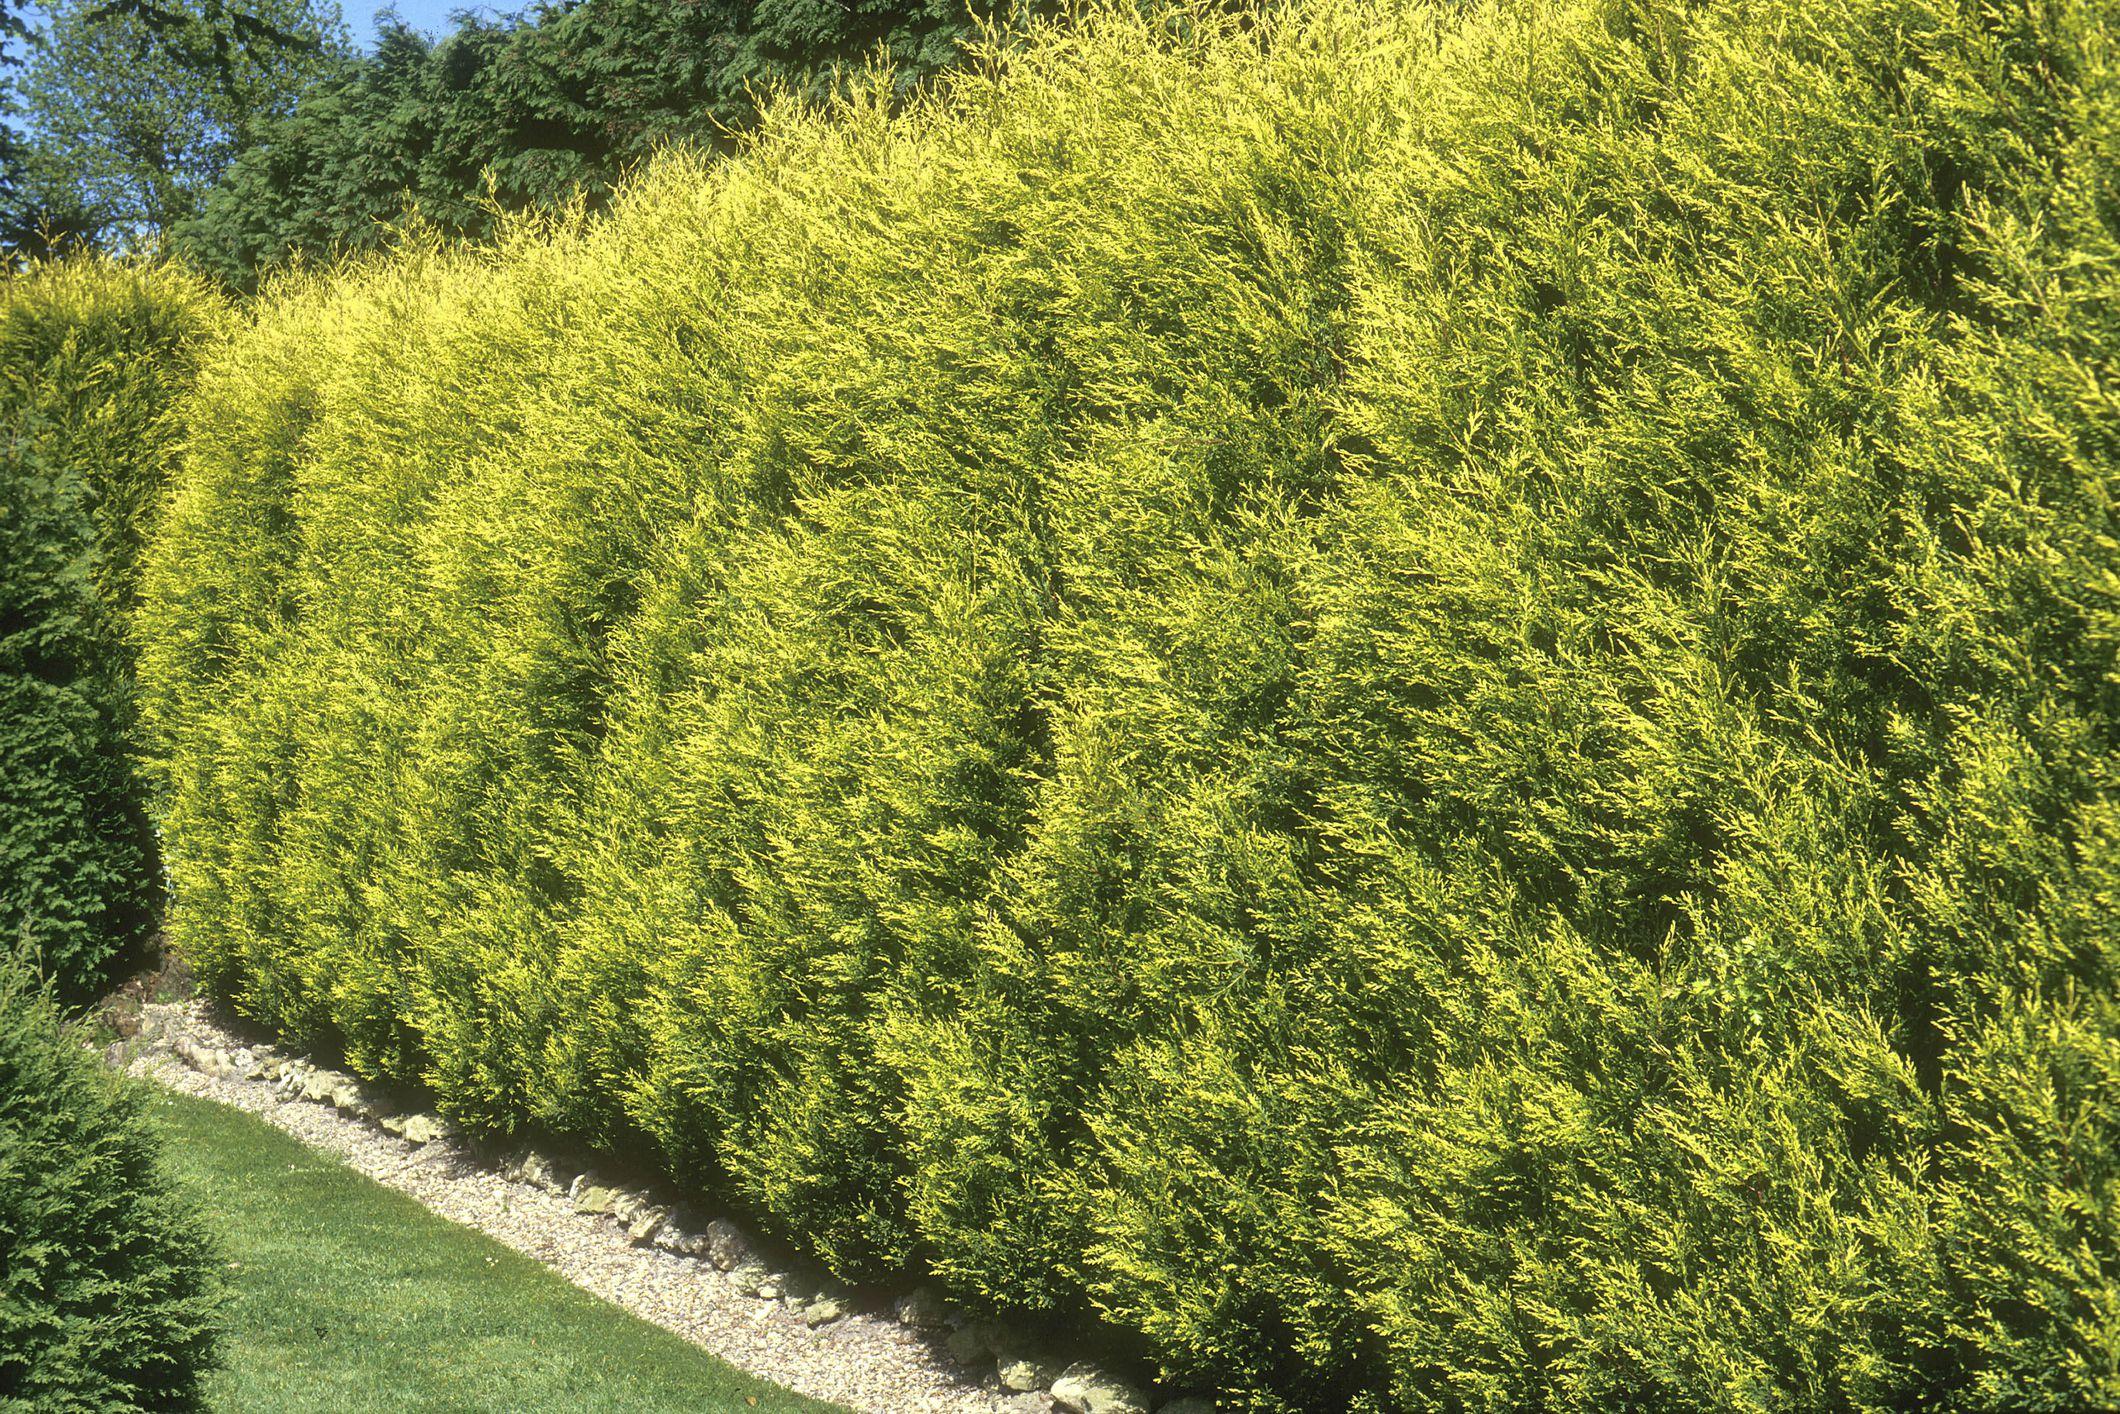 Golden shrubs